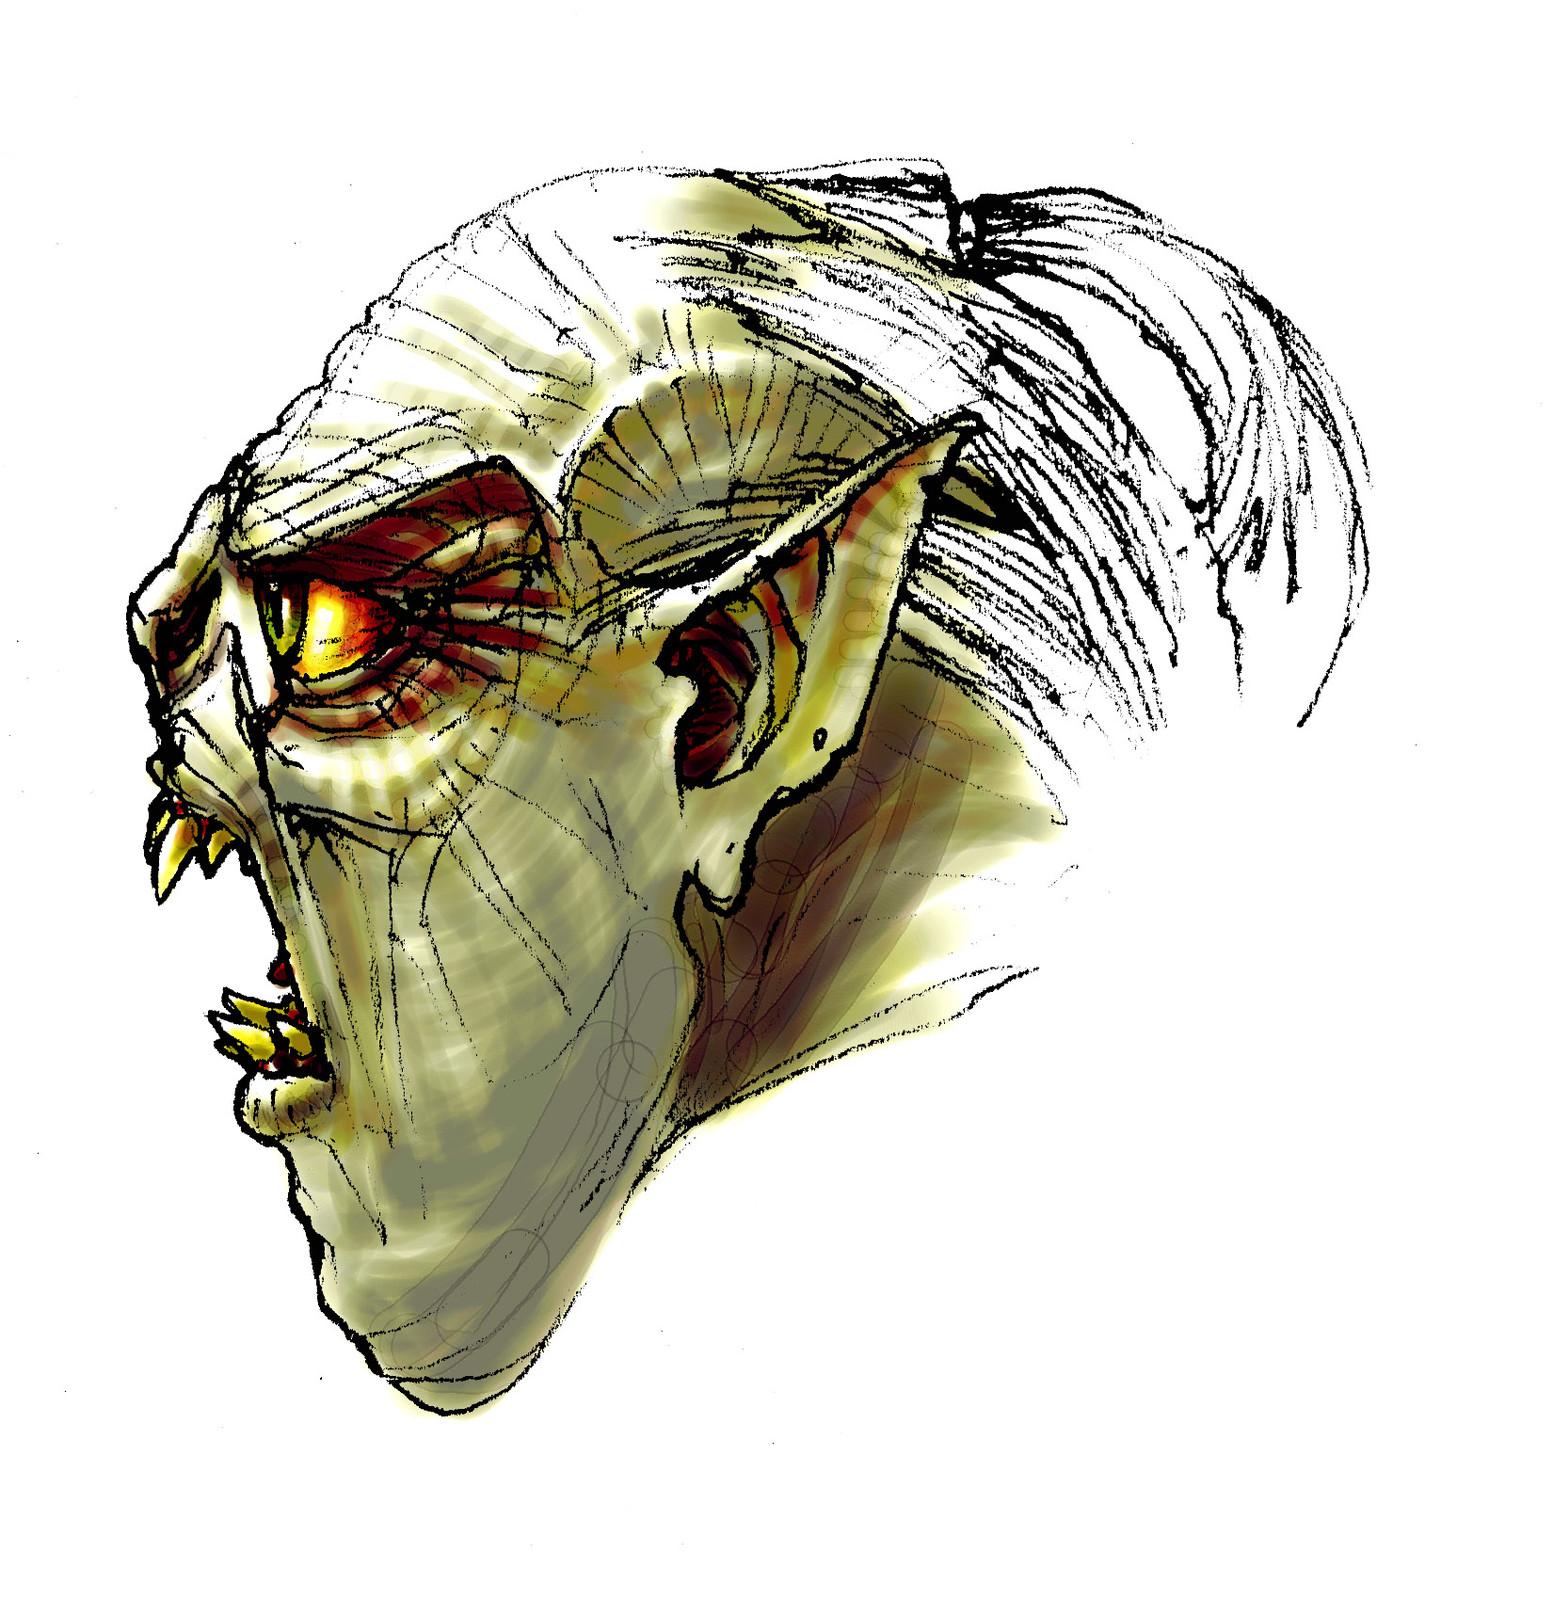 Goblin head concept